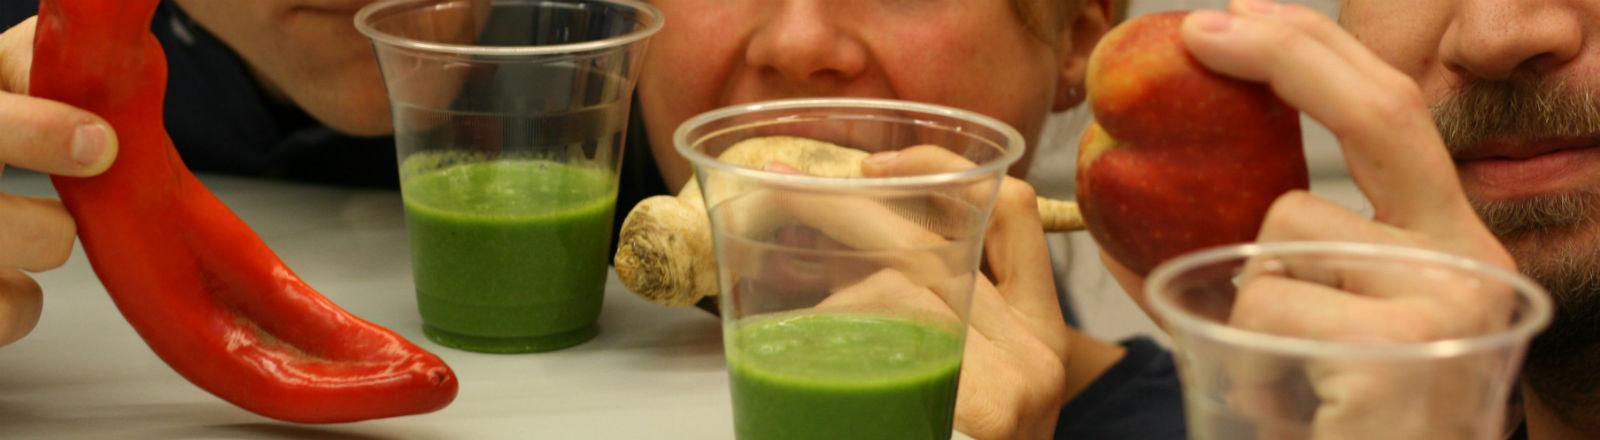 Drei Menschen halten krummes Gemüse, vor sich drei grüne Smoothies.